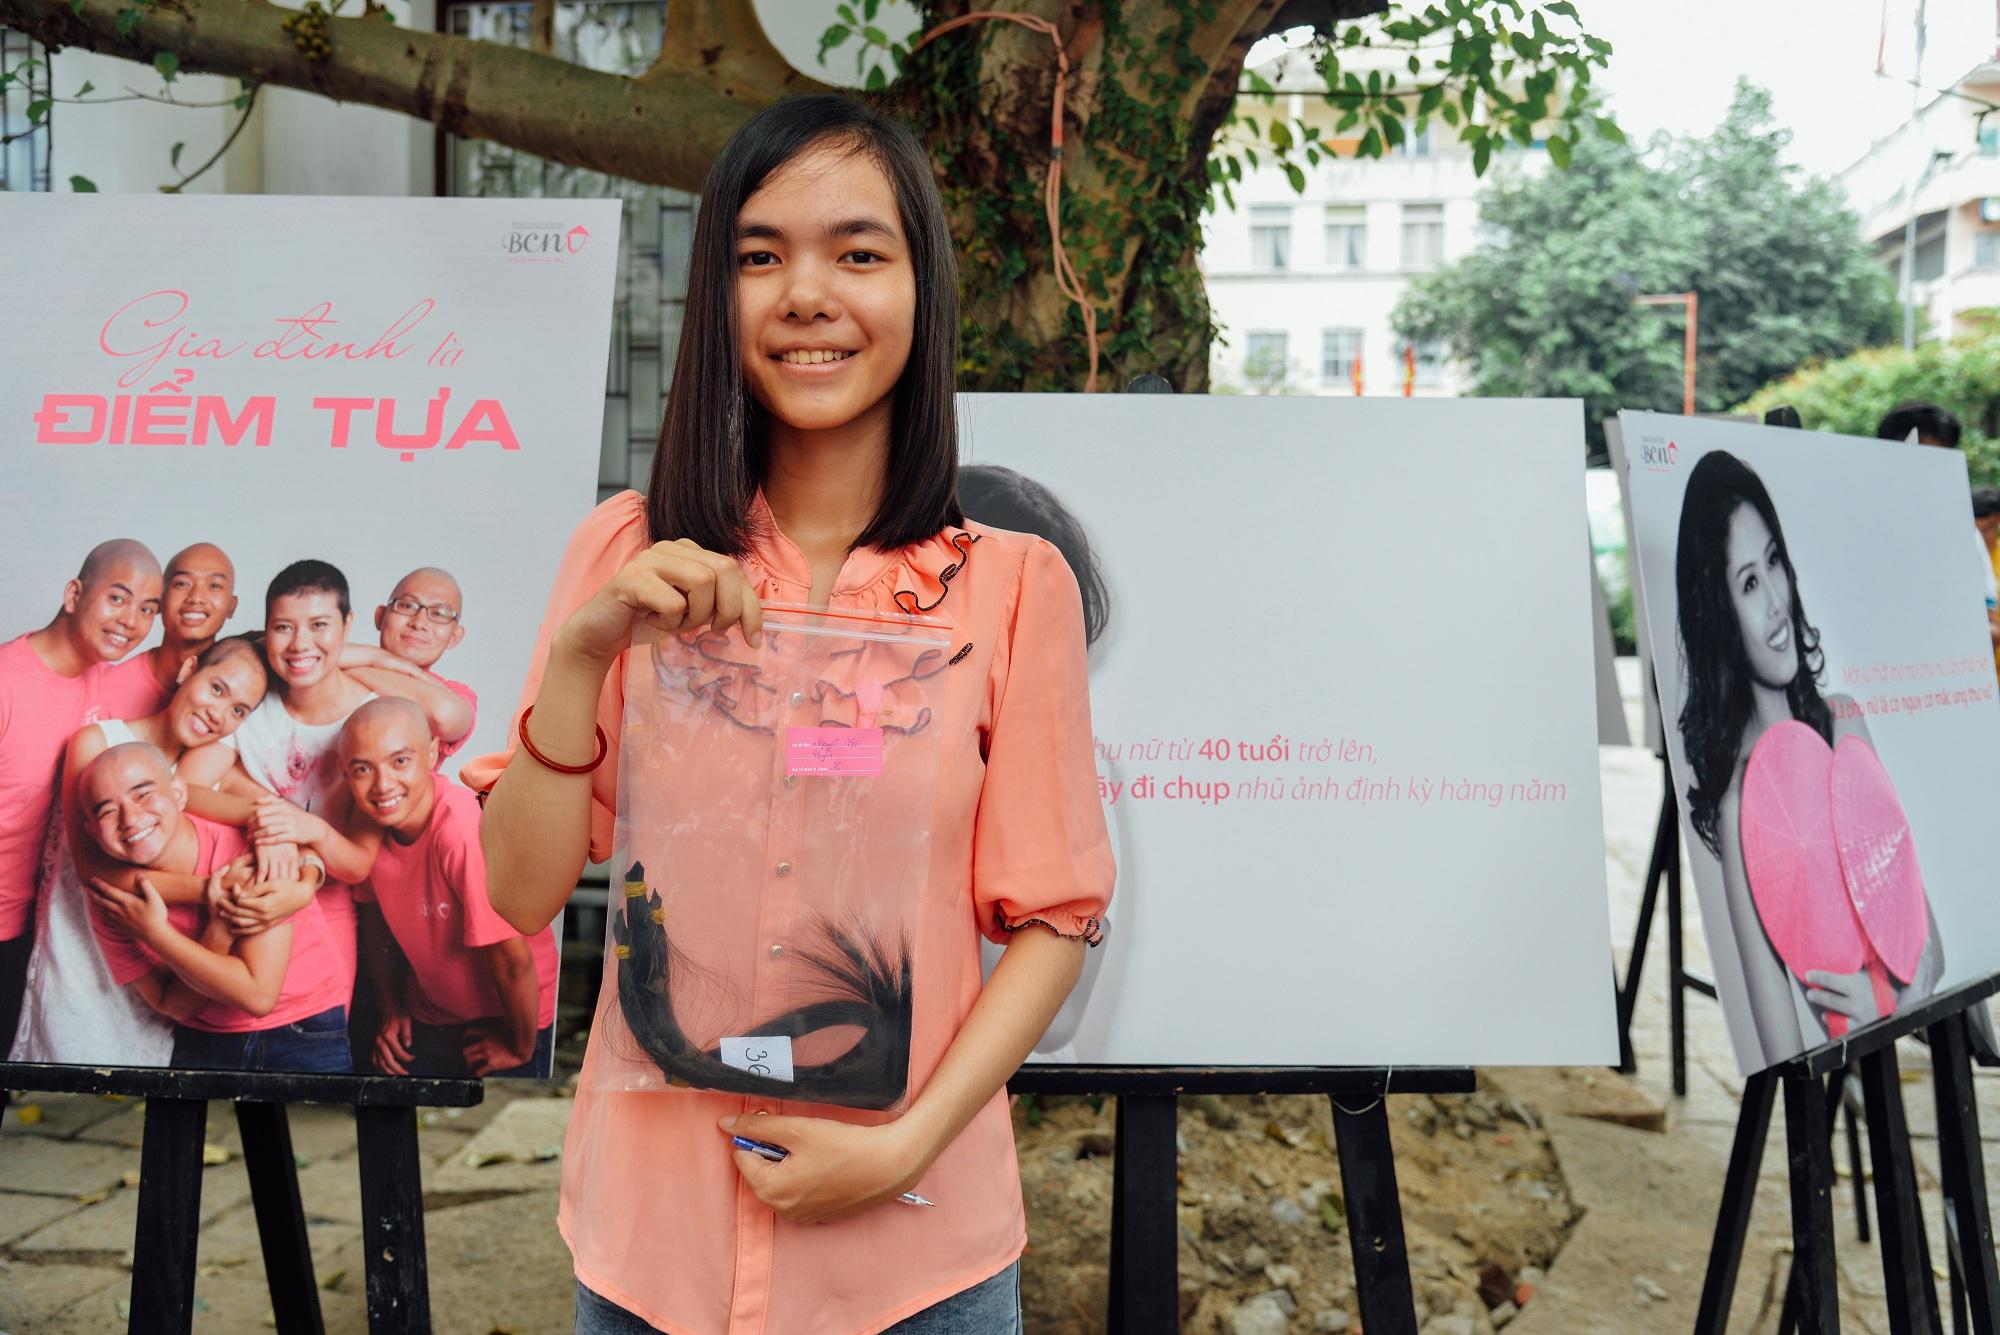 Hơn 4000 mái tóc được bạn trẻ Sài Gòn hiến tặng cho các bệnh nhân ung thư vú - Ảnh 4.